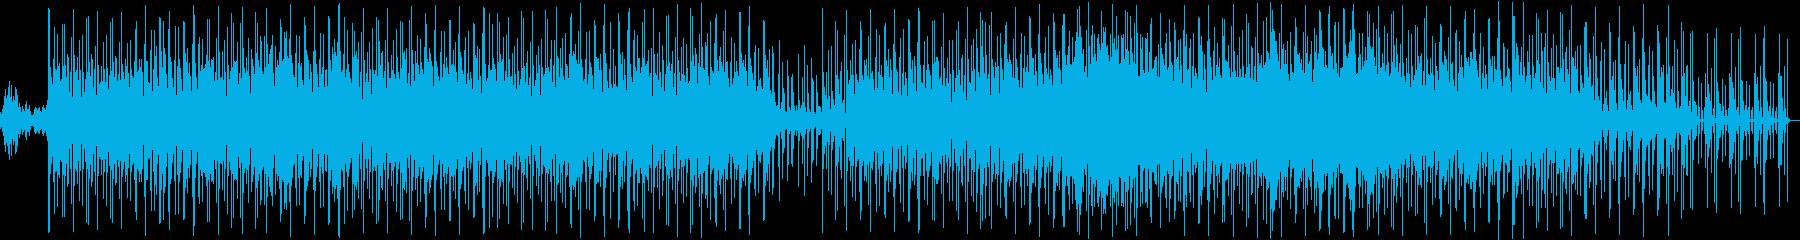 ファンタジーでおしゃれなメロディーの再生済みの波形